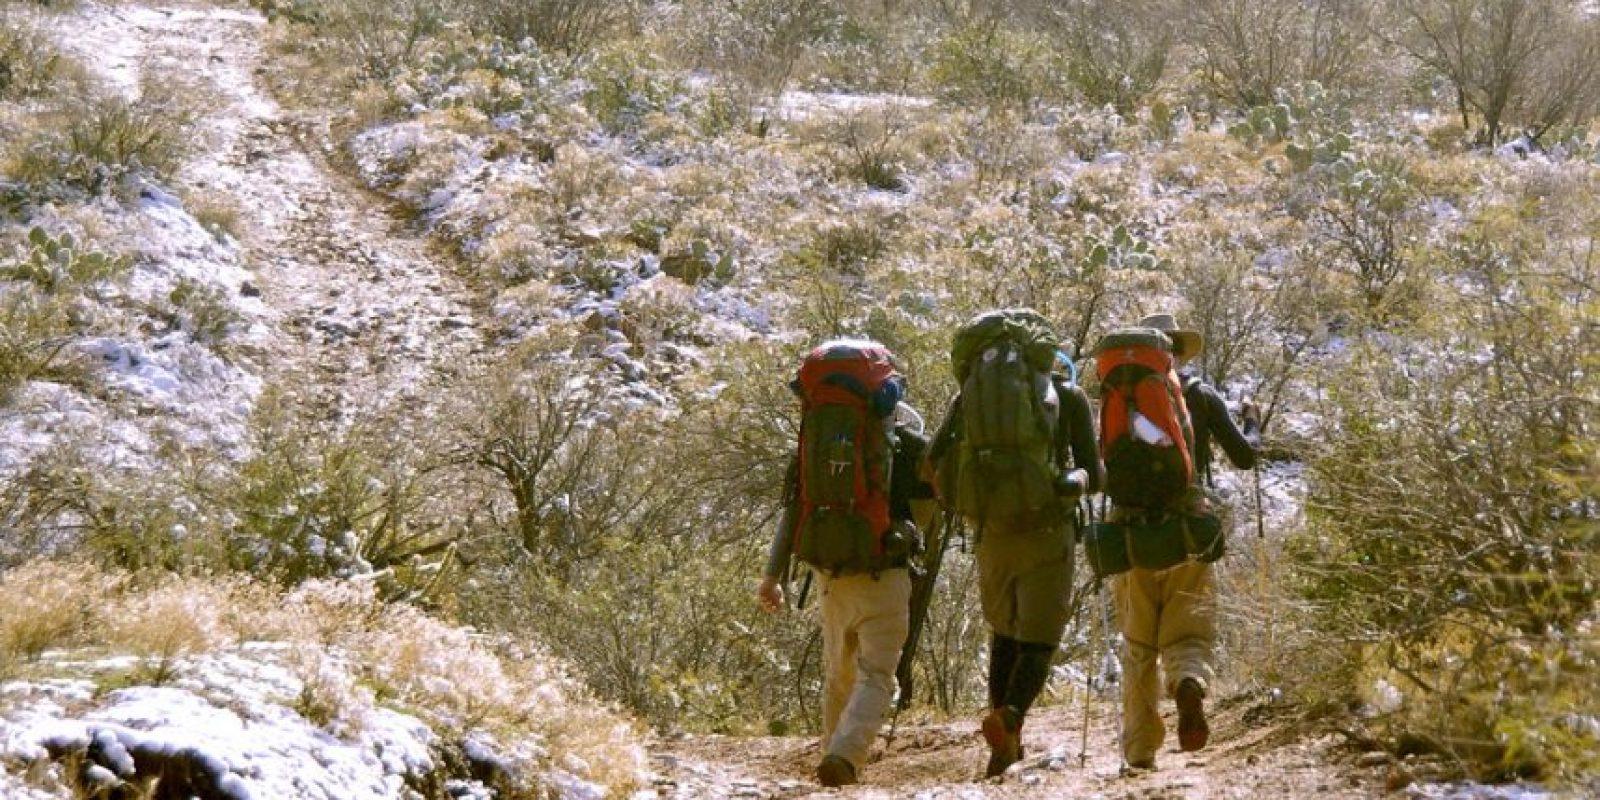 Si el viaje que planean es de poco tiempo, tengan el itinerario algo definido ayudará a aprovecharlo al máximo. Foto:Flickr